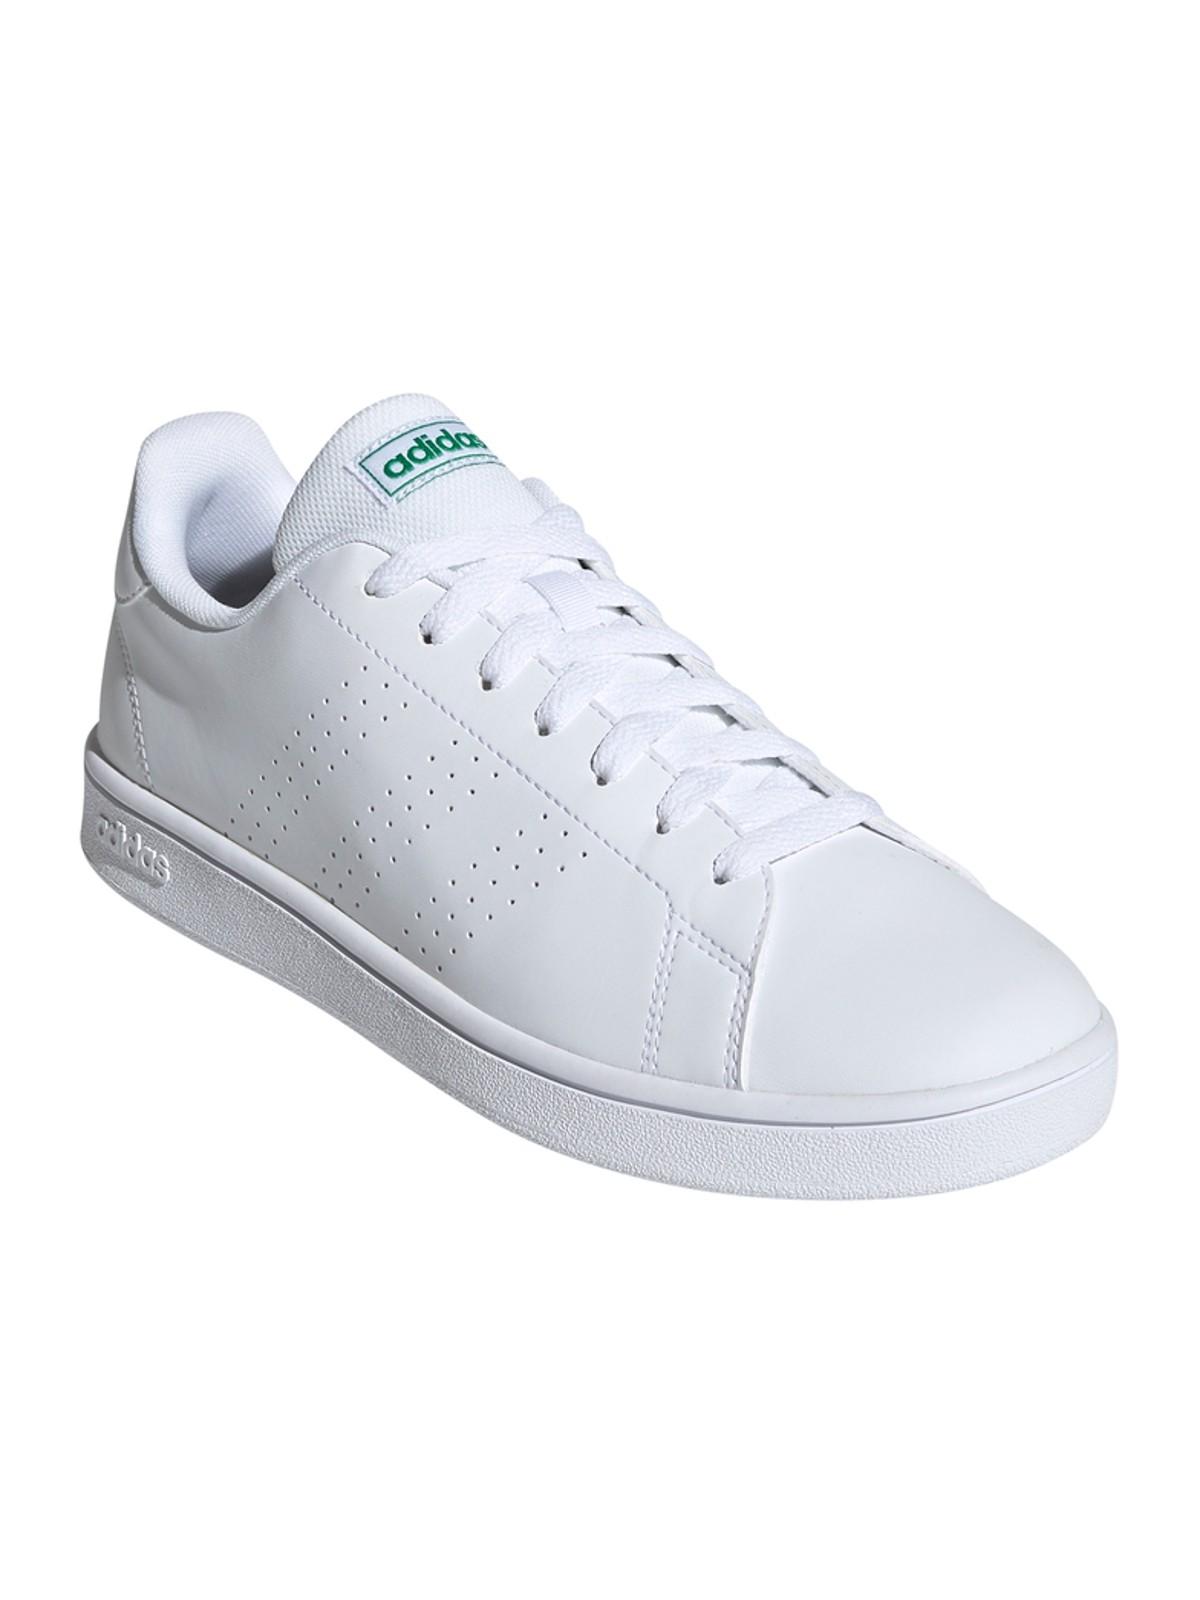 Tennis adidas neo blanc/vert (40-46) - DistriCenter